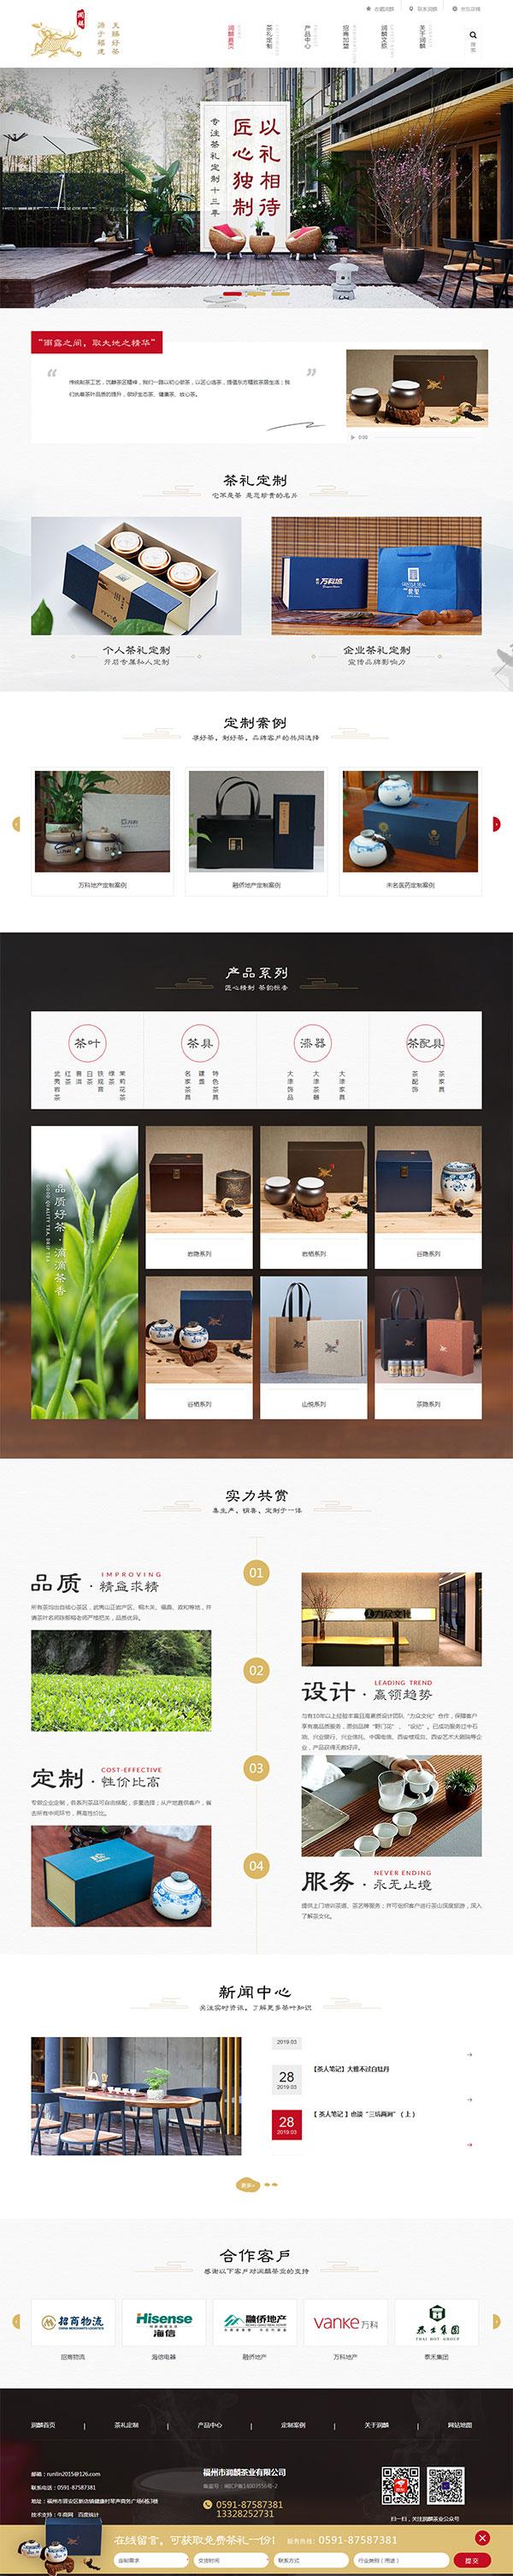 润麟茶礼定制-龙8国际龙88型龙8国际官网首页首页展示